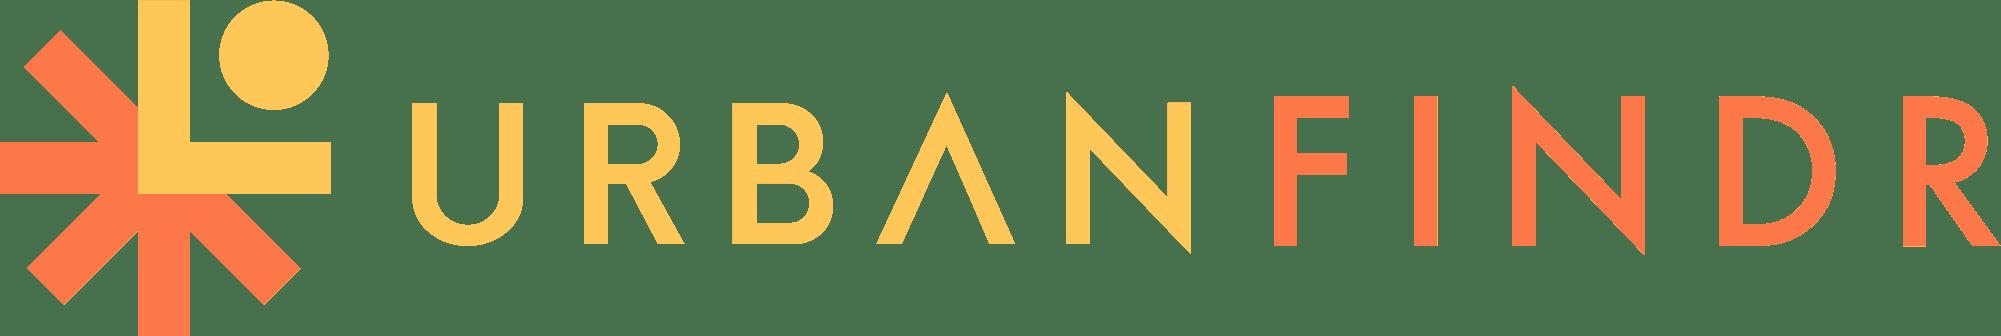 UrbanFindr Logo